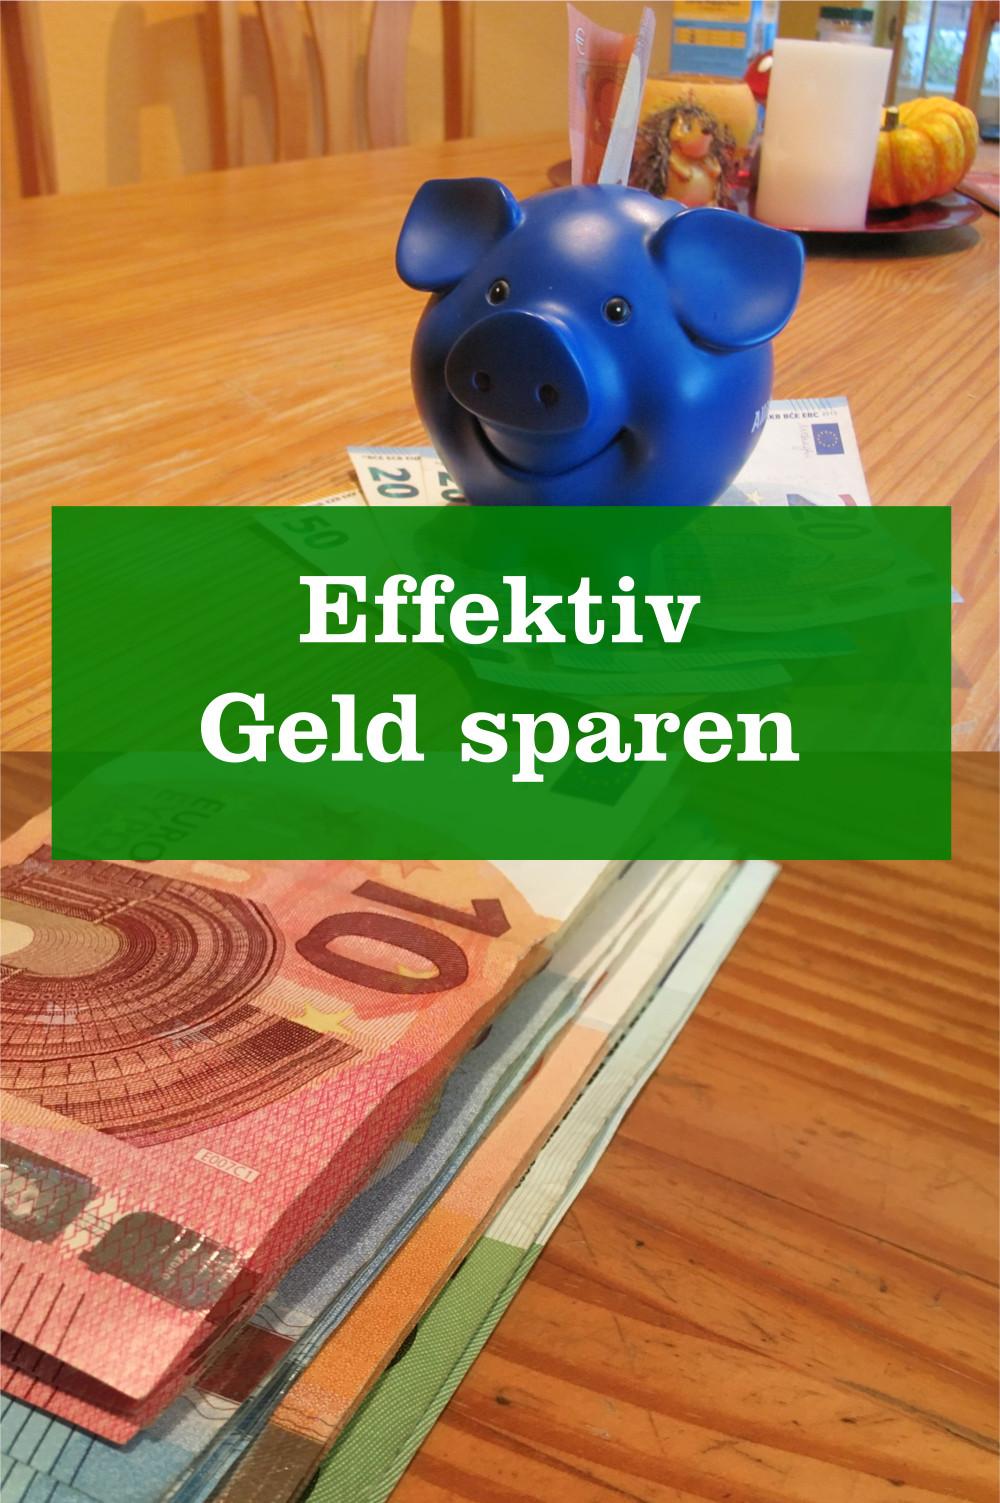 effektiv Geld sparen